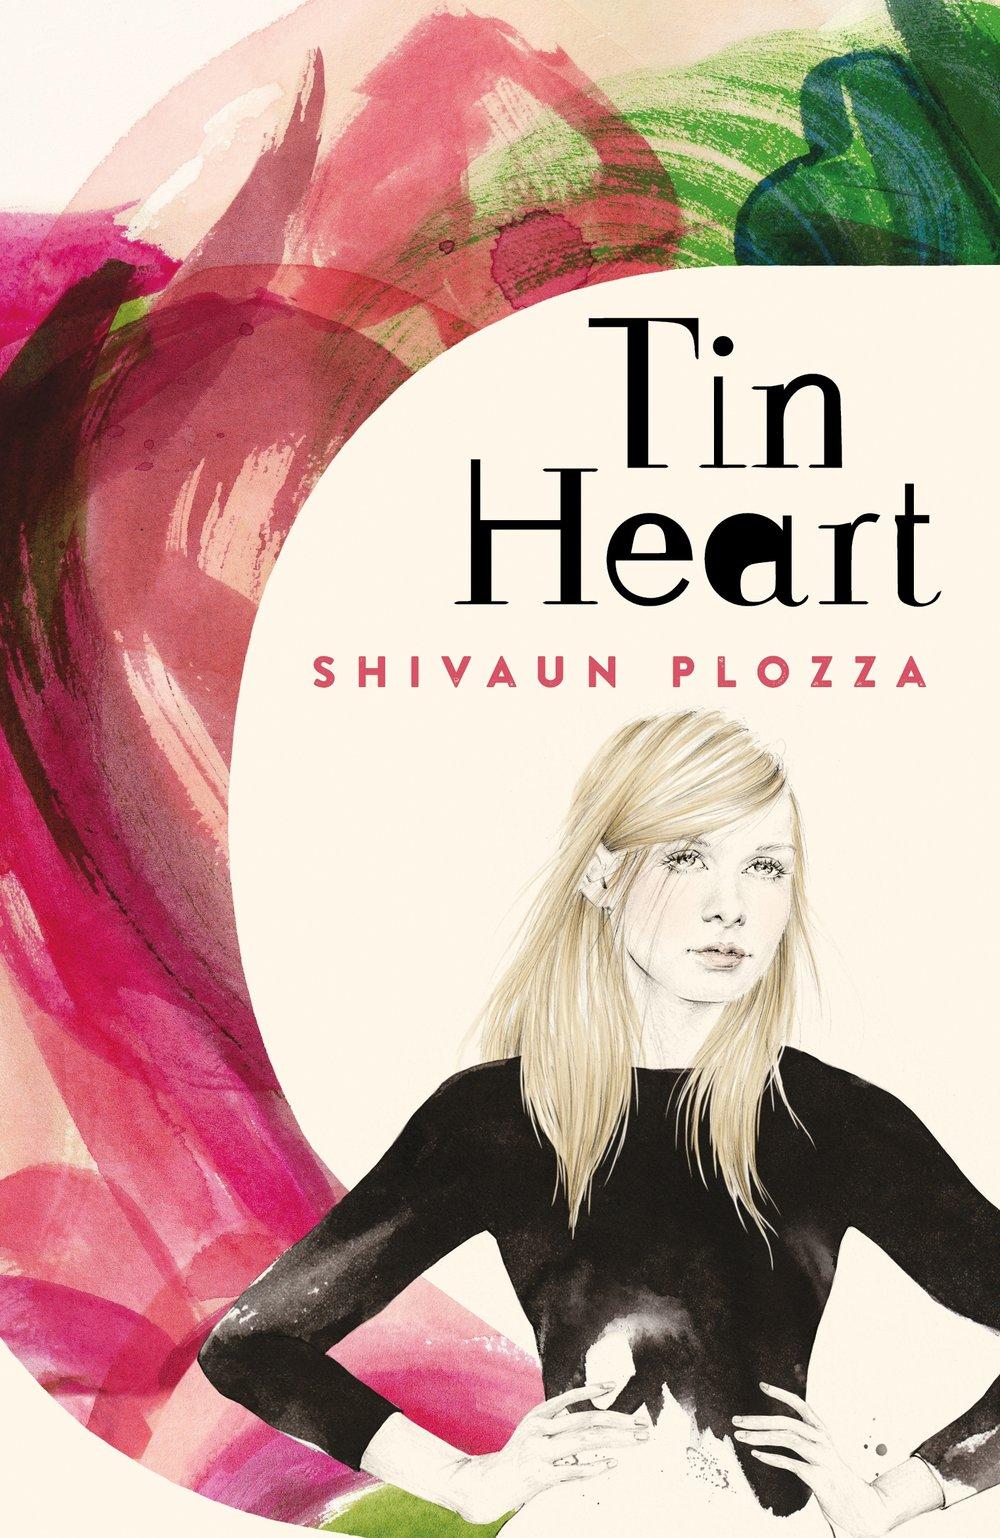 shivaun-plozza-tin-heart.jpg